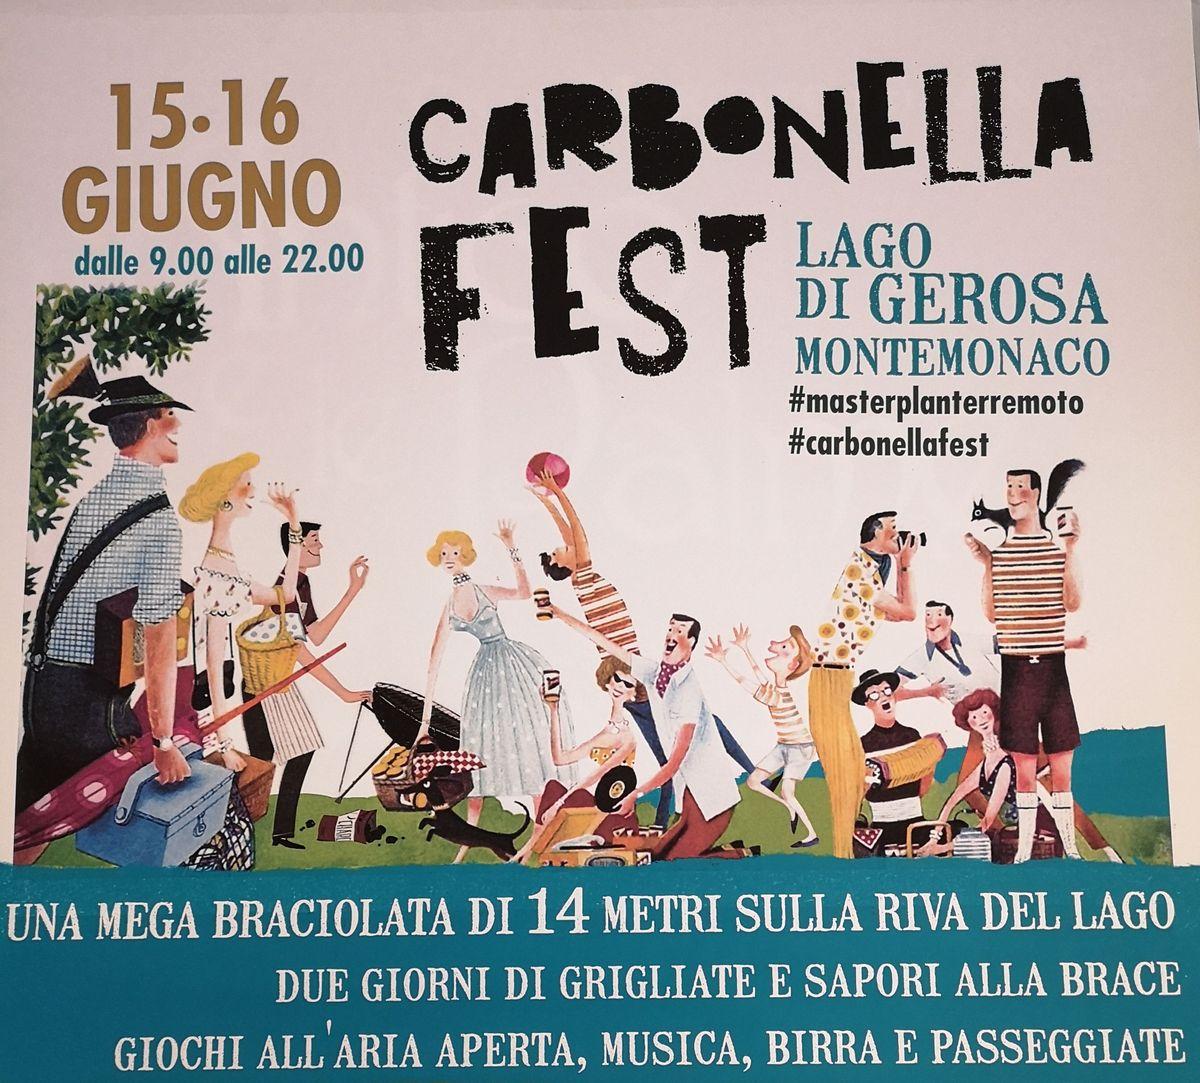 Carbonella fest locandina